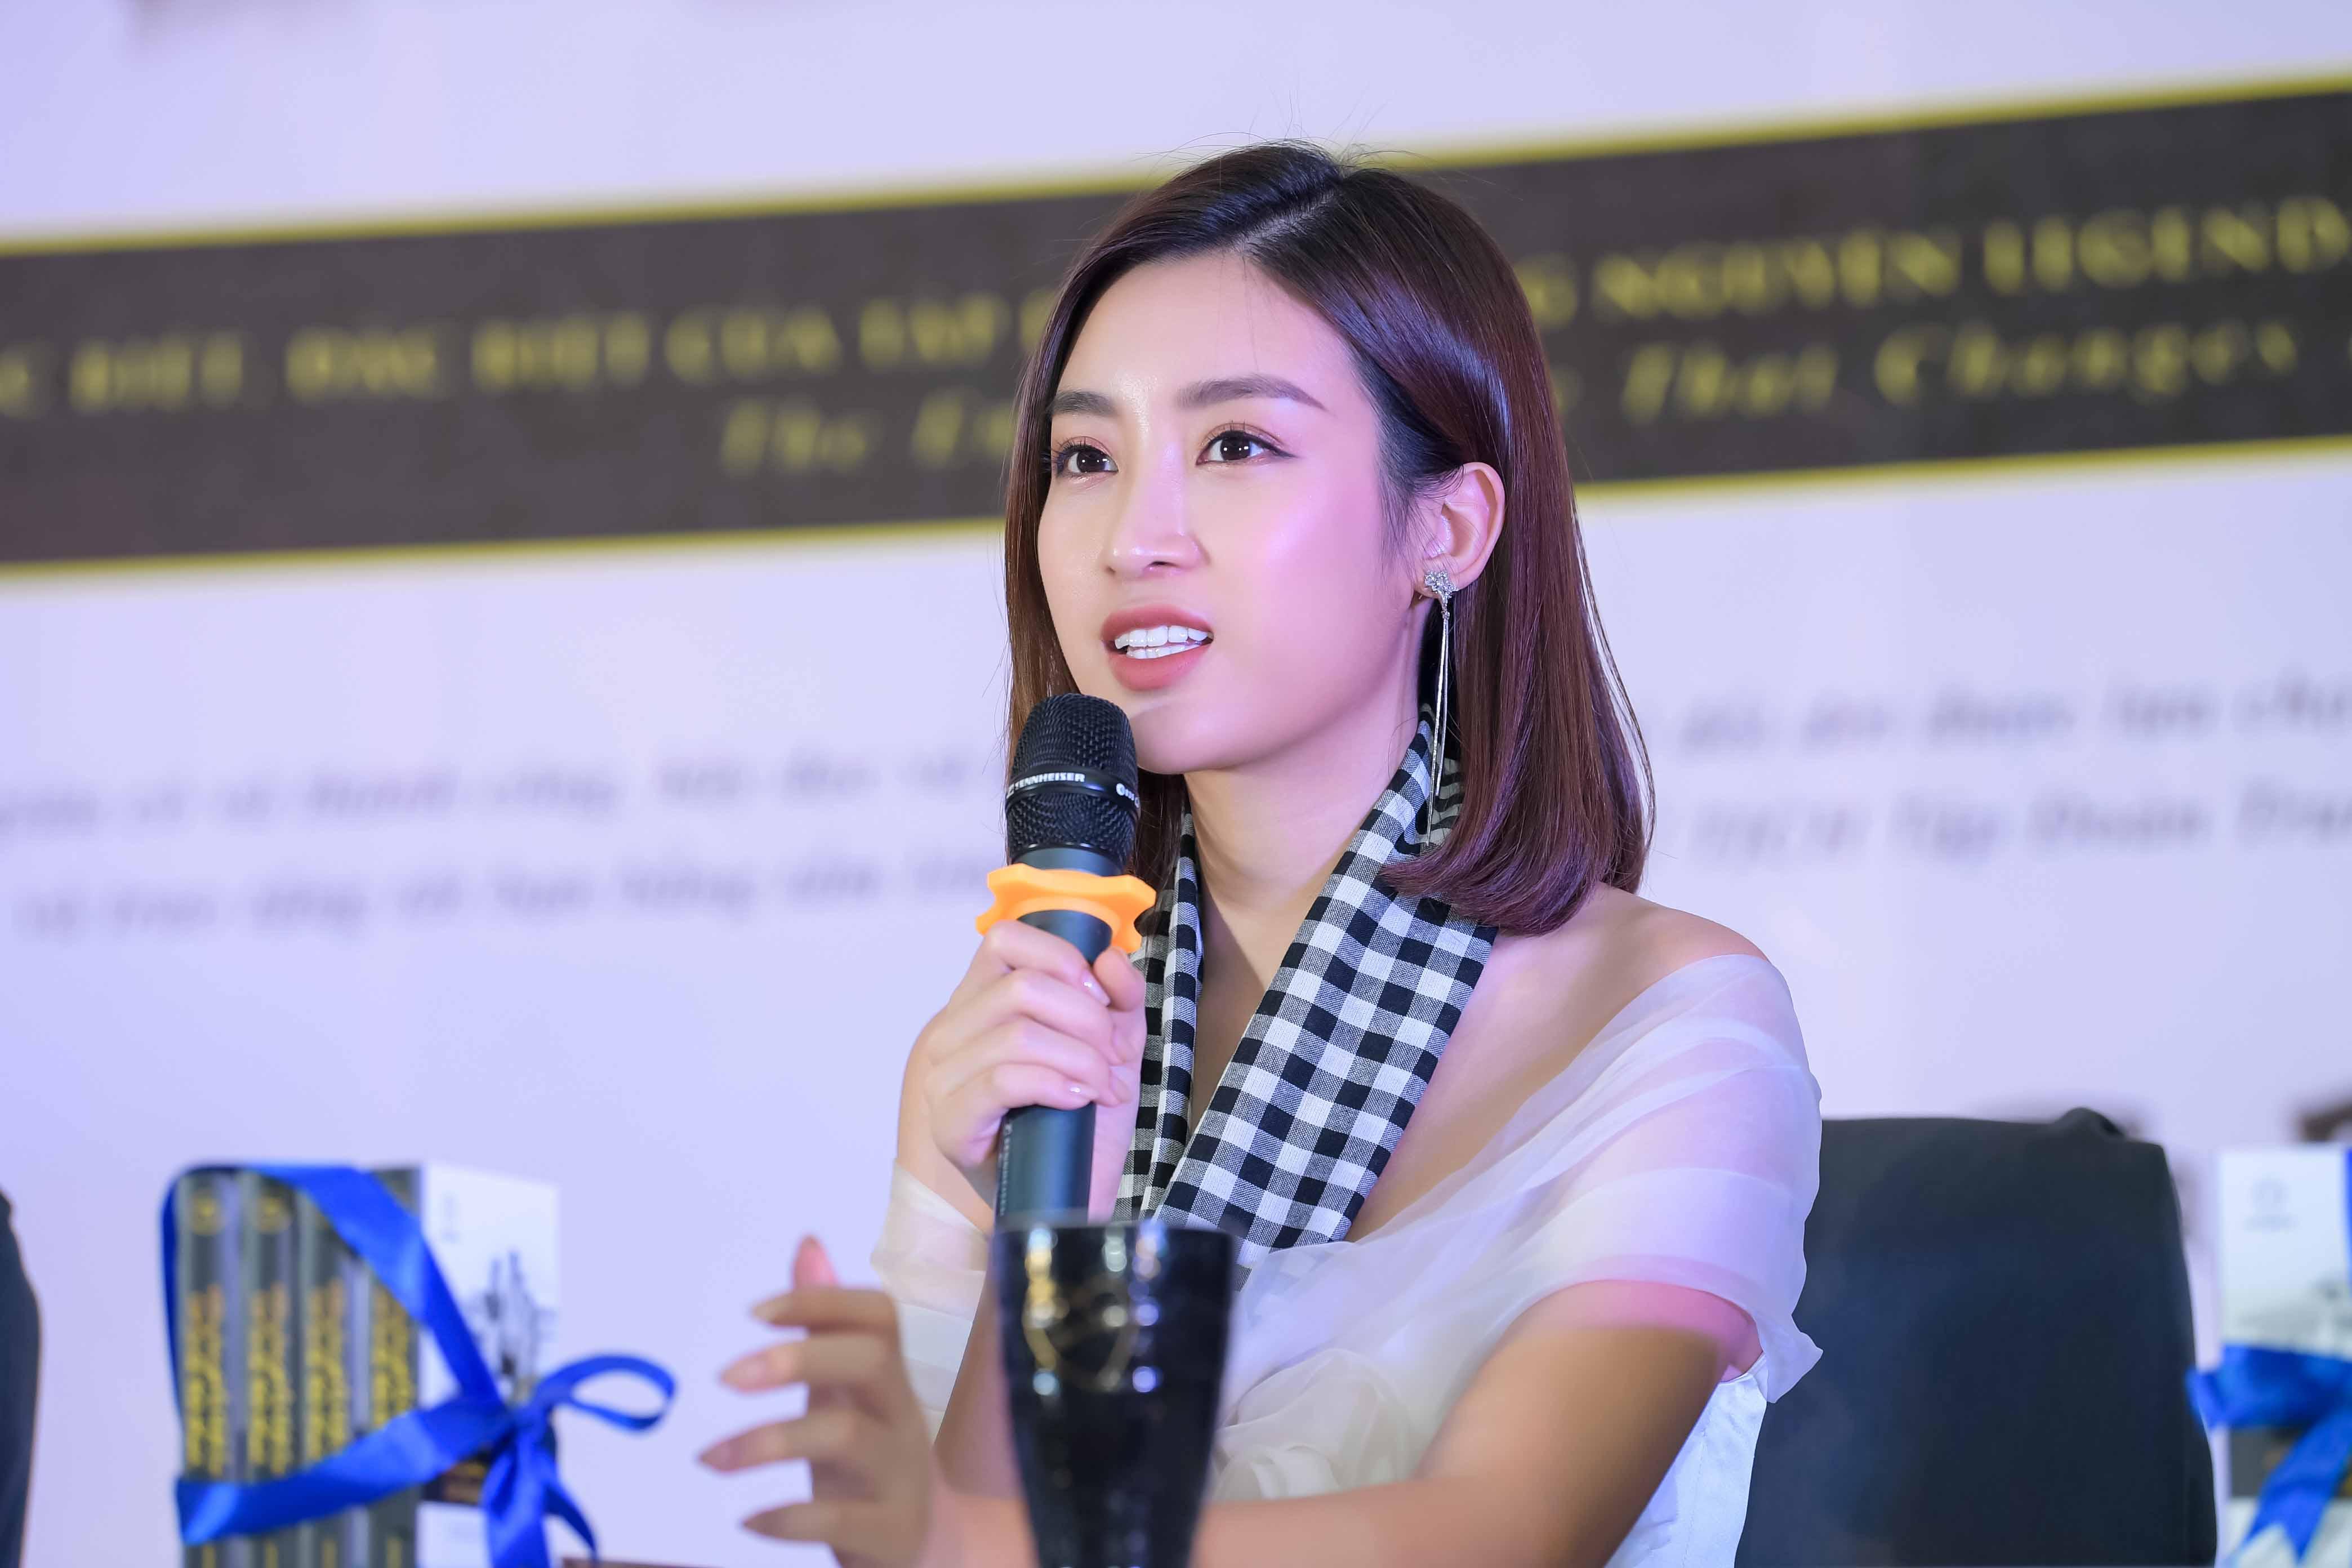 Mỹ Linh diện đầm trễ vai xinh đẹp giao lưu với sinh viên Nha Trang 2